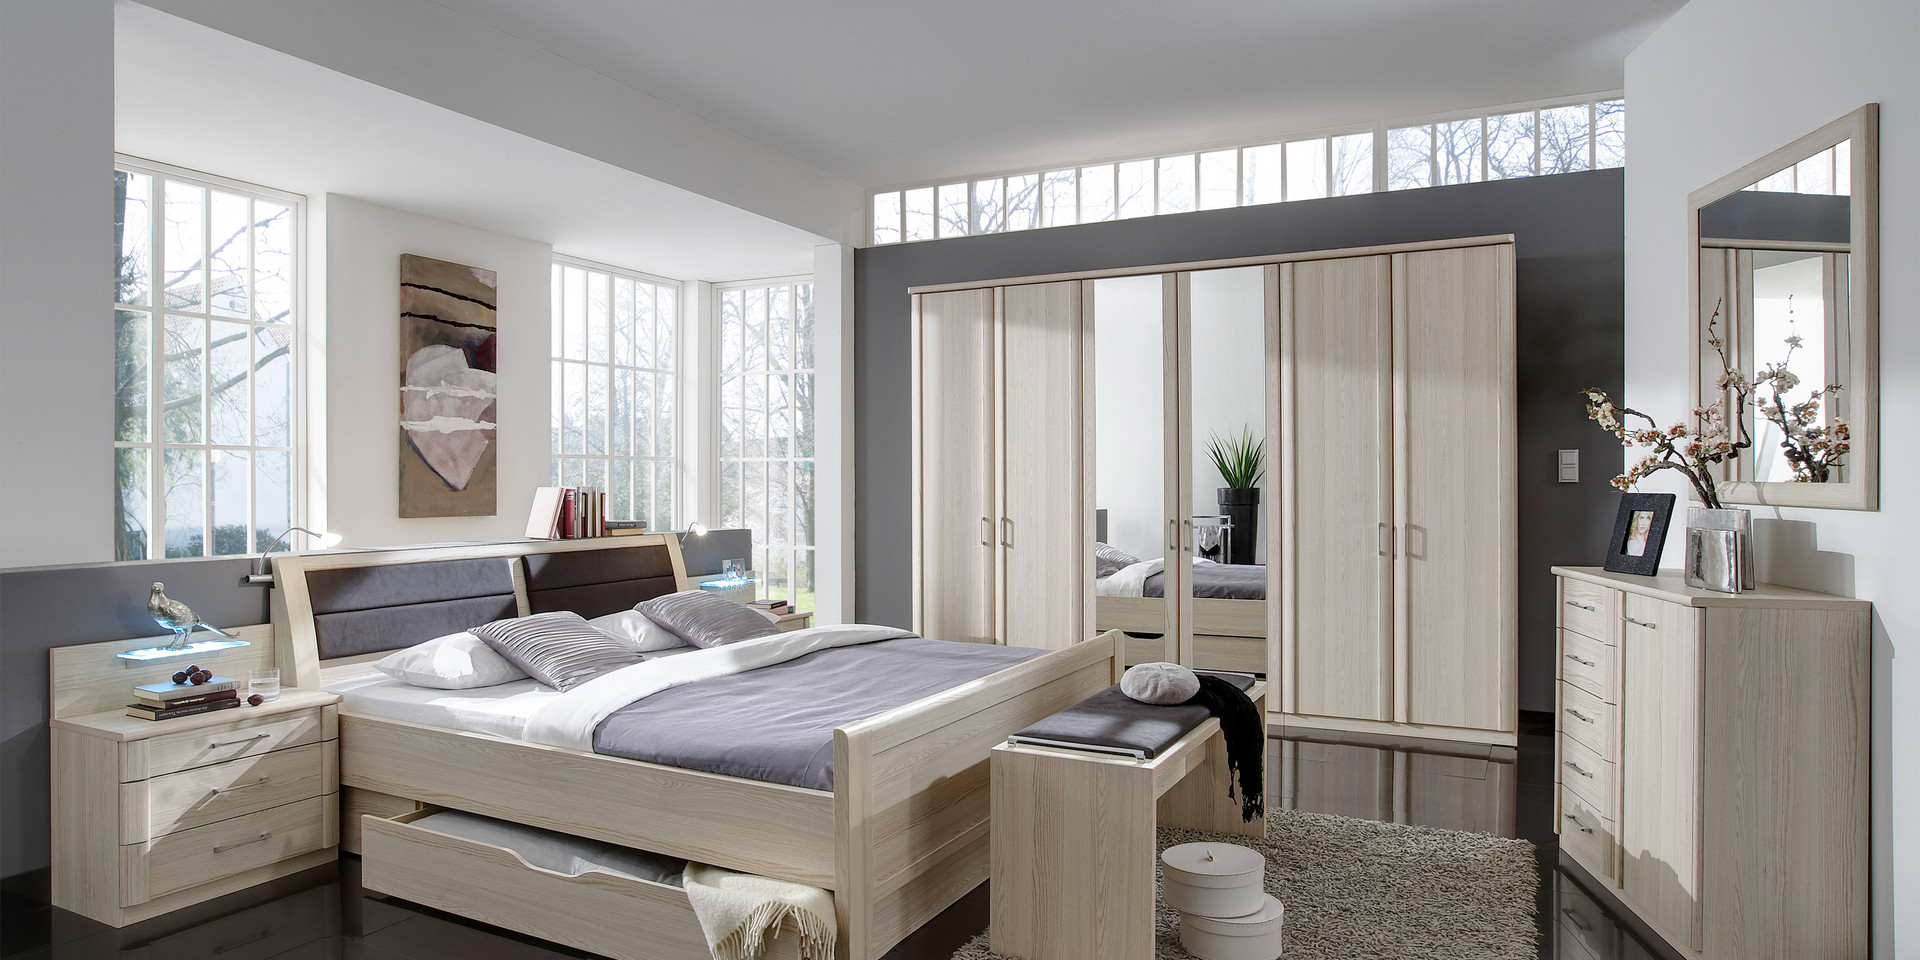 Full Size of überbau Schlafzimmer Modern Erleben Sie Das Luxor 3 4 Mbelhersteller Wiemann Komplett Mit Lattenrost Und Matratze Wandleuchte Deckenleuchten Wandtattoos Set Wohnzimmer überbau Schlafzimmer Modern